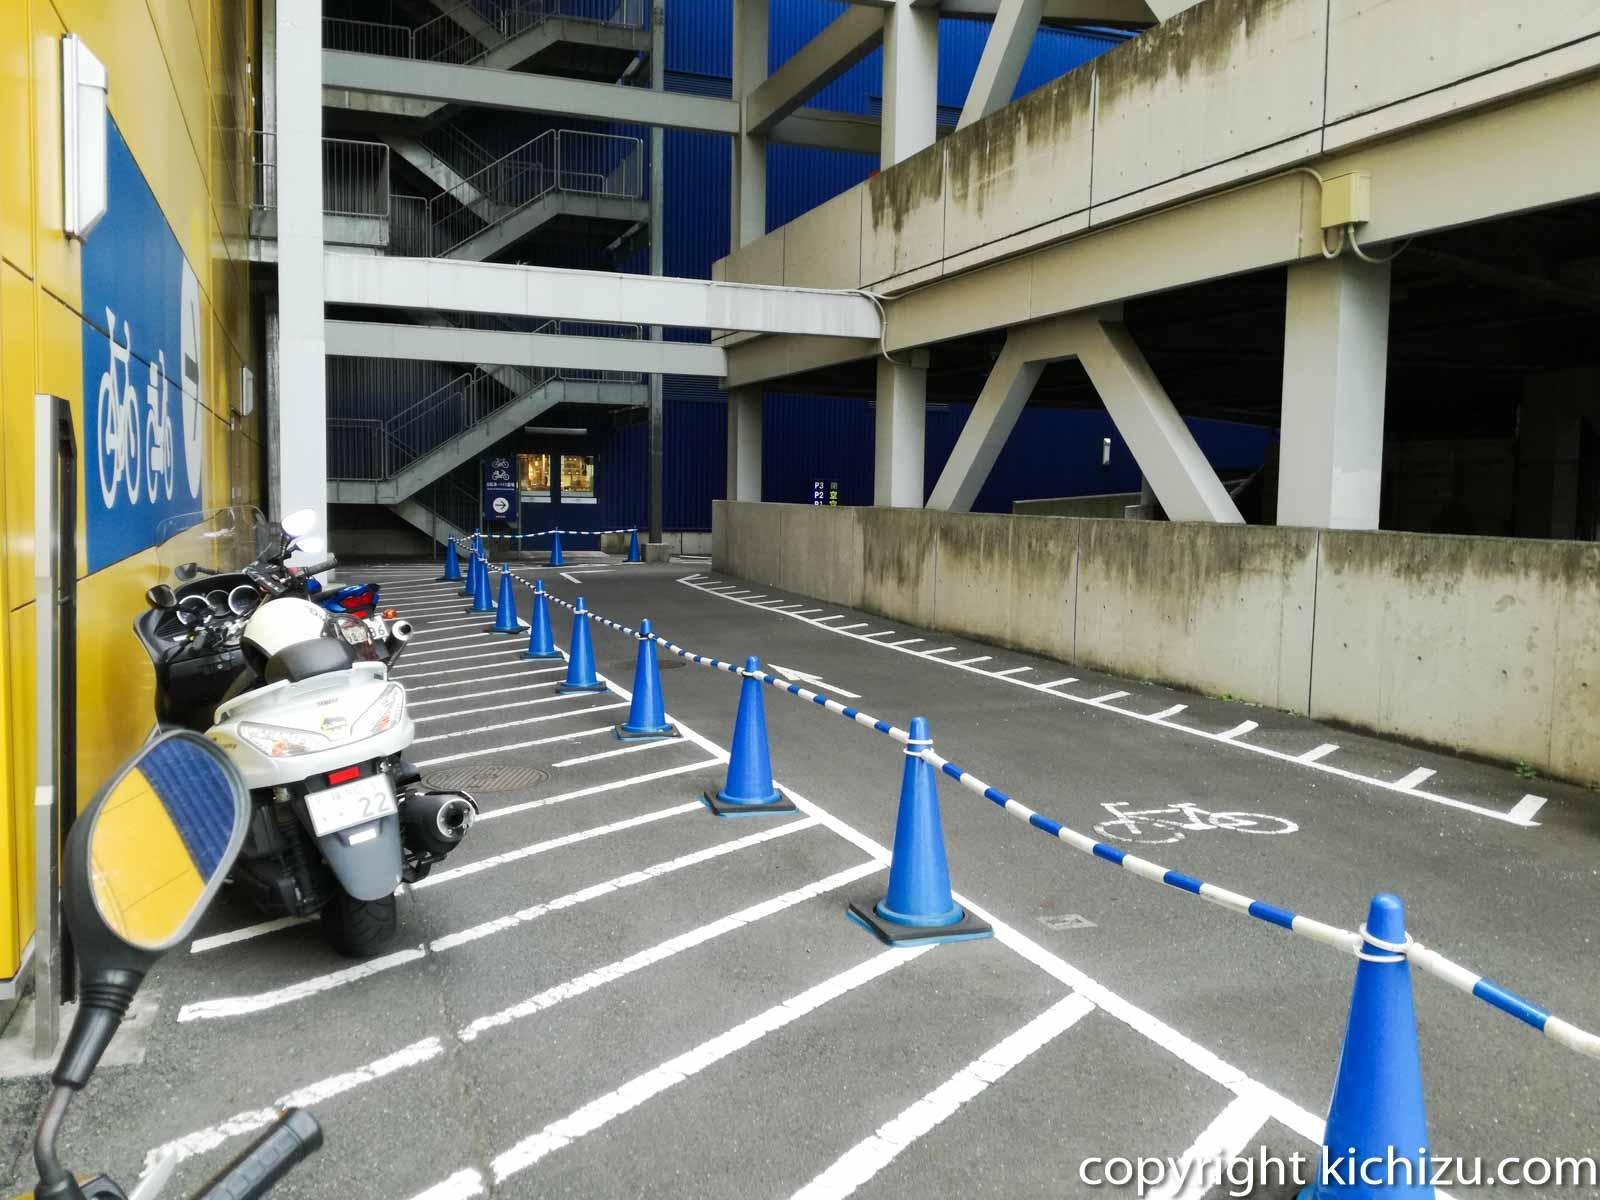 IKEA(イケア) 港北店のバイク駐車場